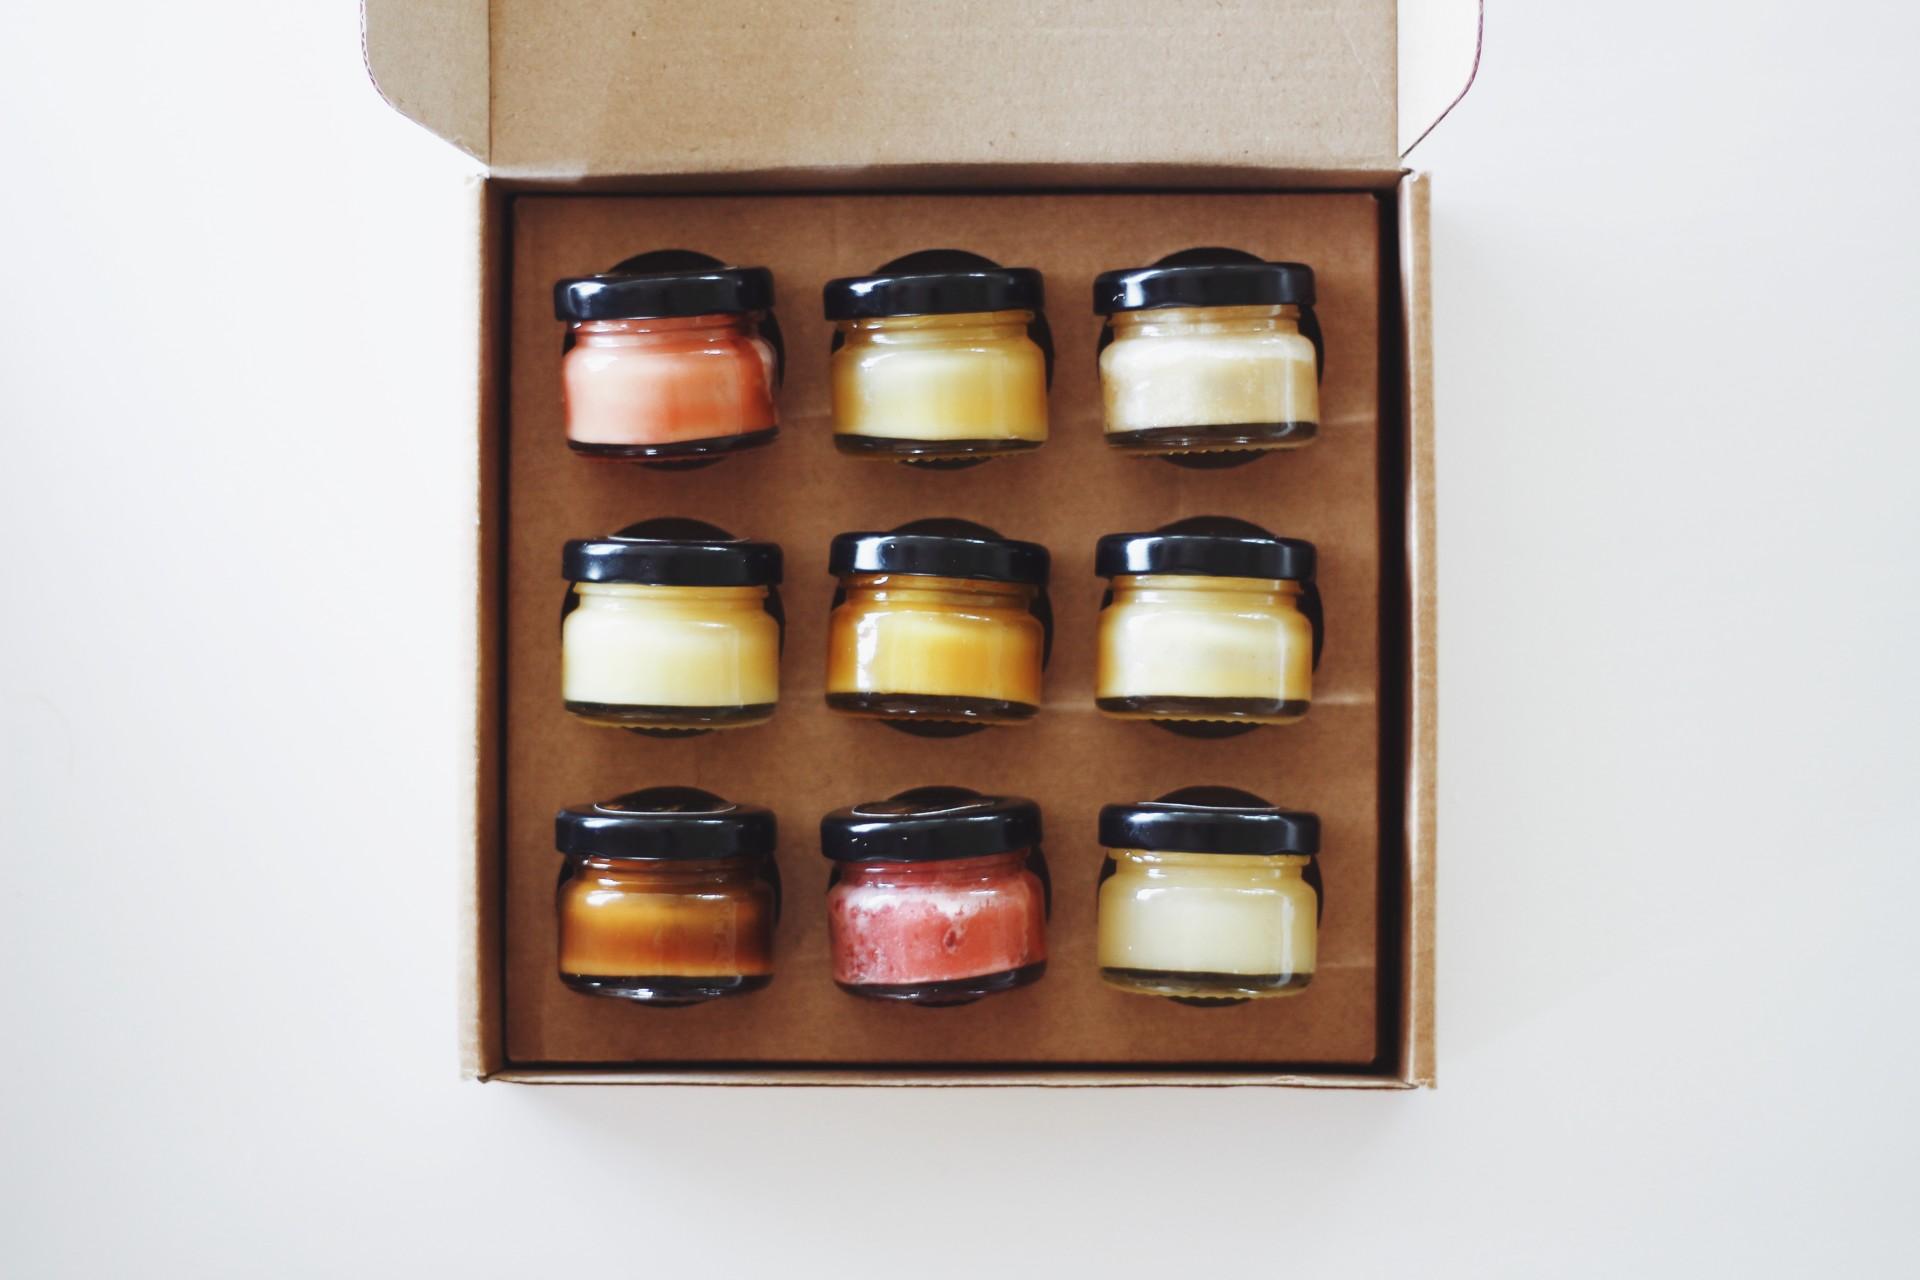 ТОП-5 популярных сортов мёда для подарочного бокса